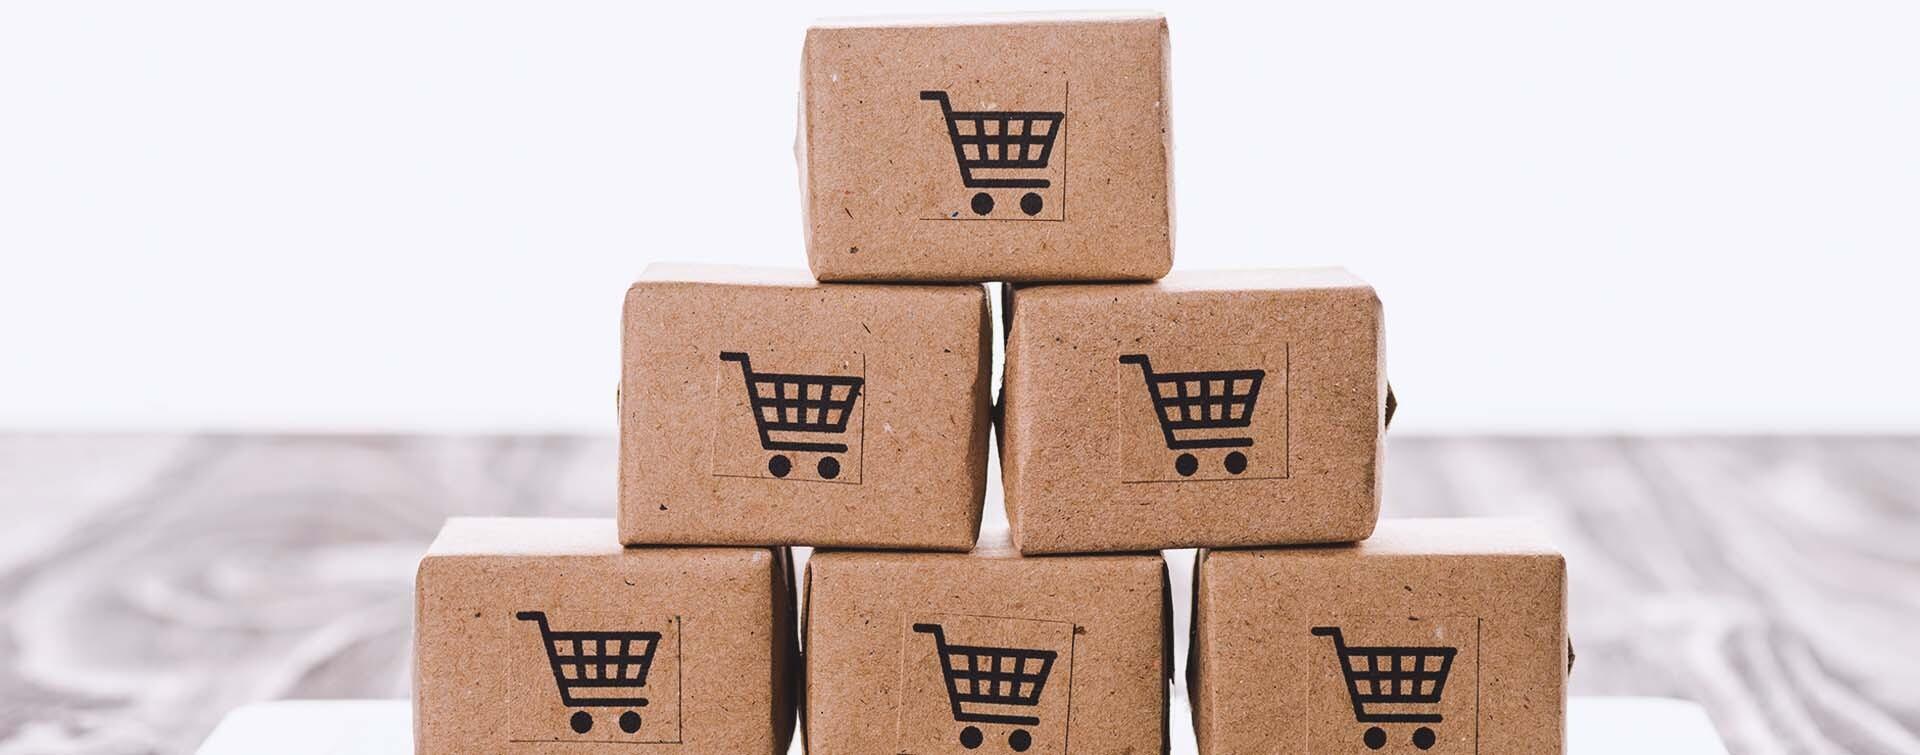 Jakie formy dostawy powinien udostępniać sklep internetowy?